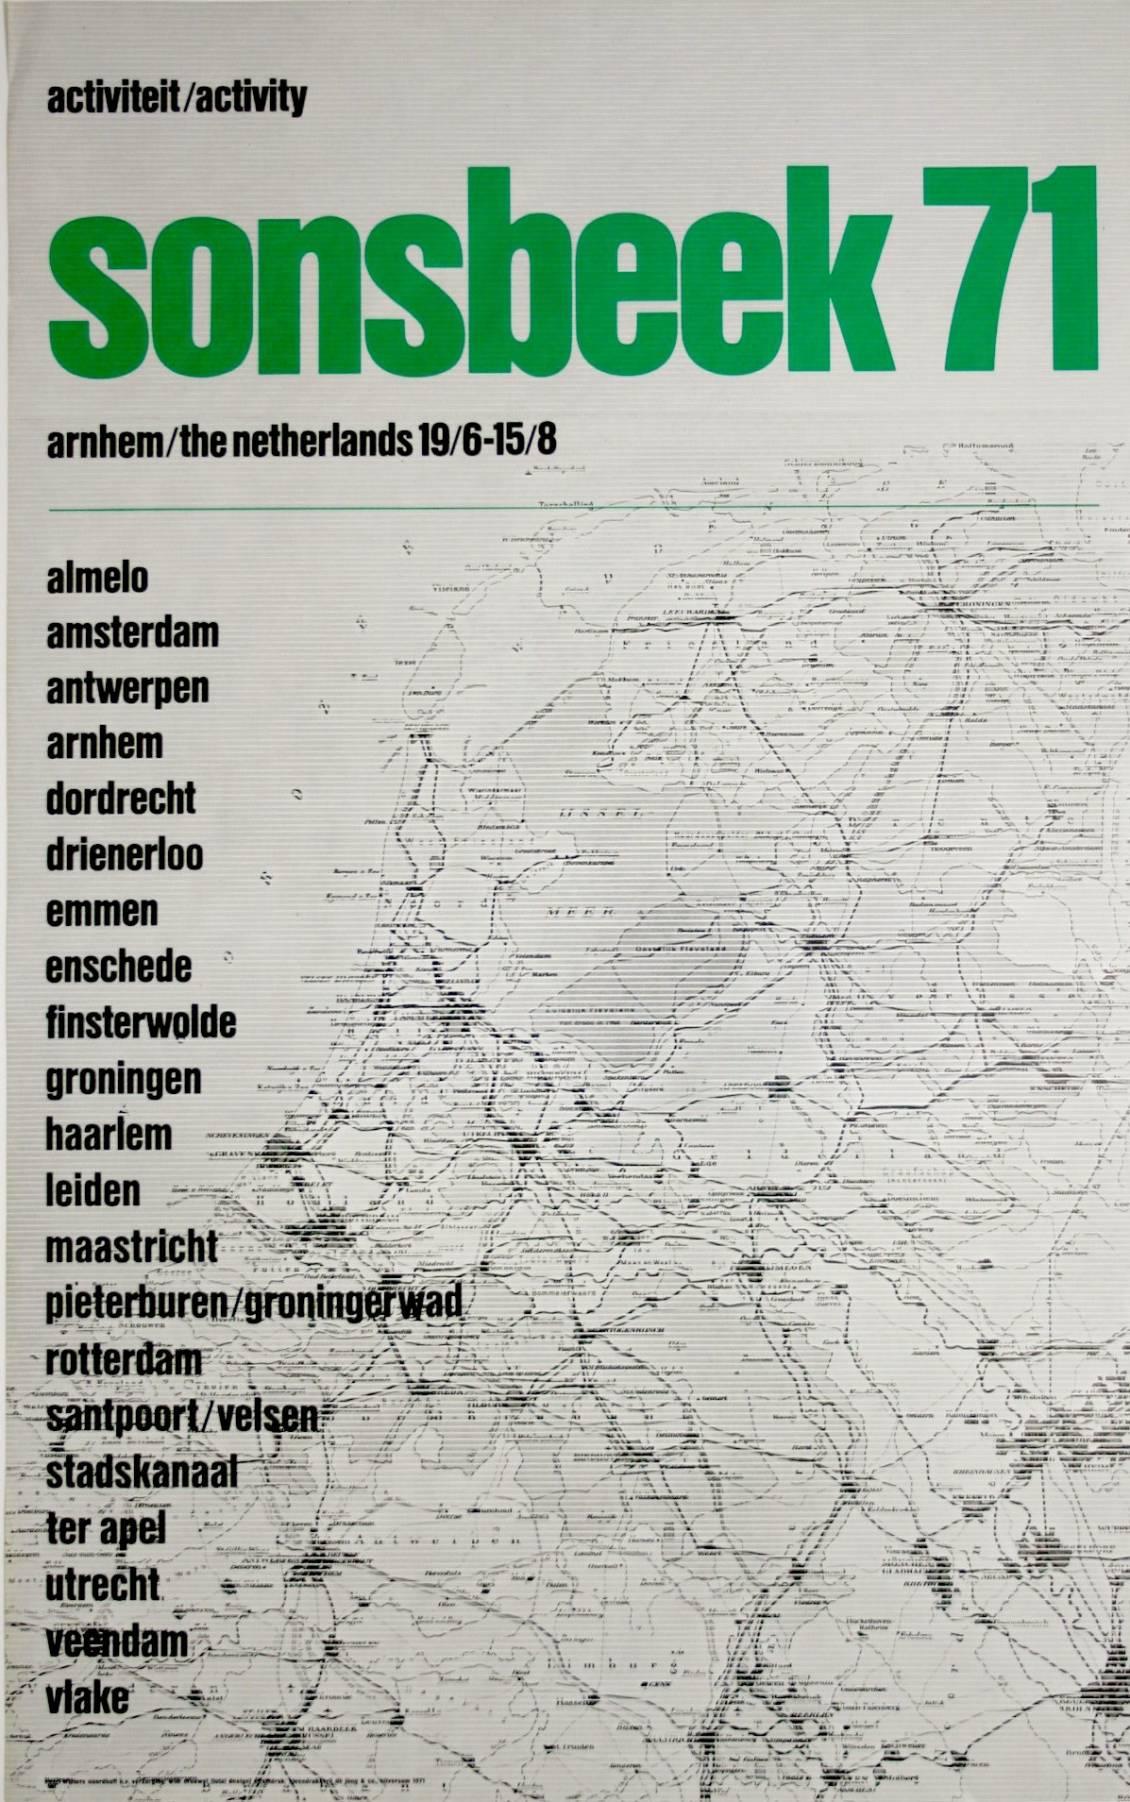 Affiche 'Sonsbeek 71'